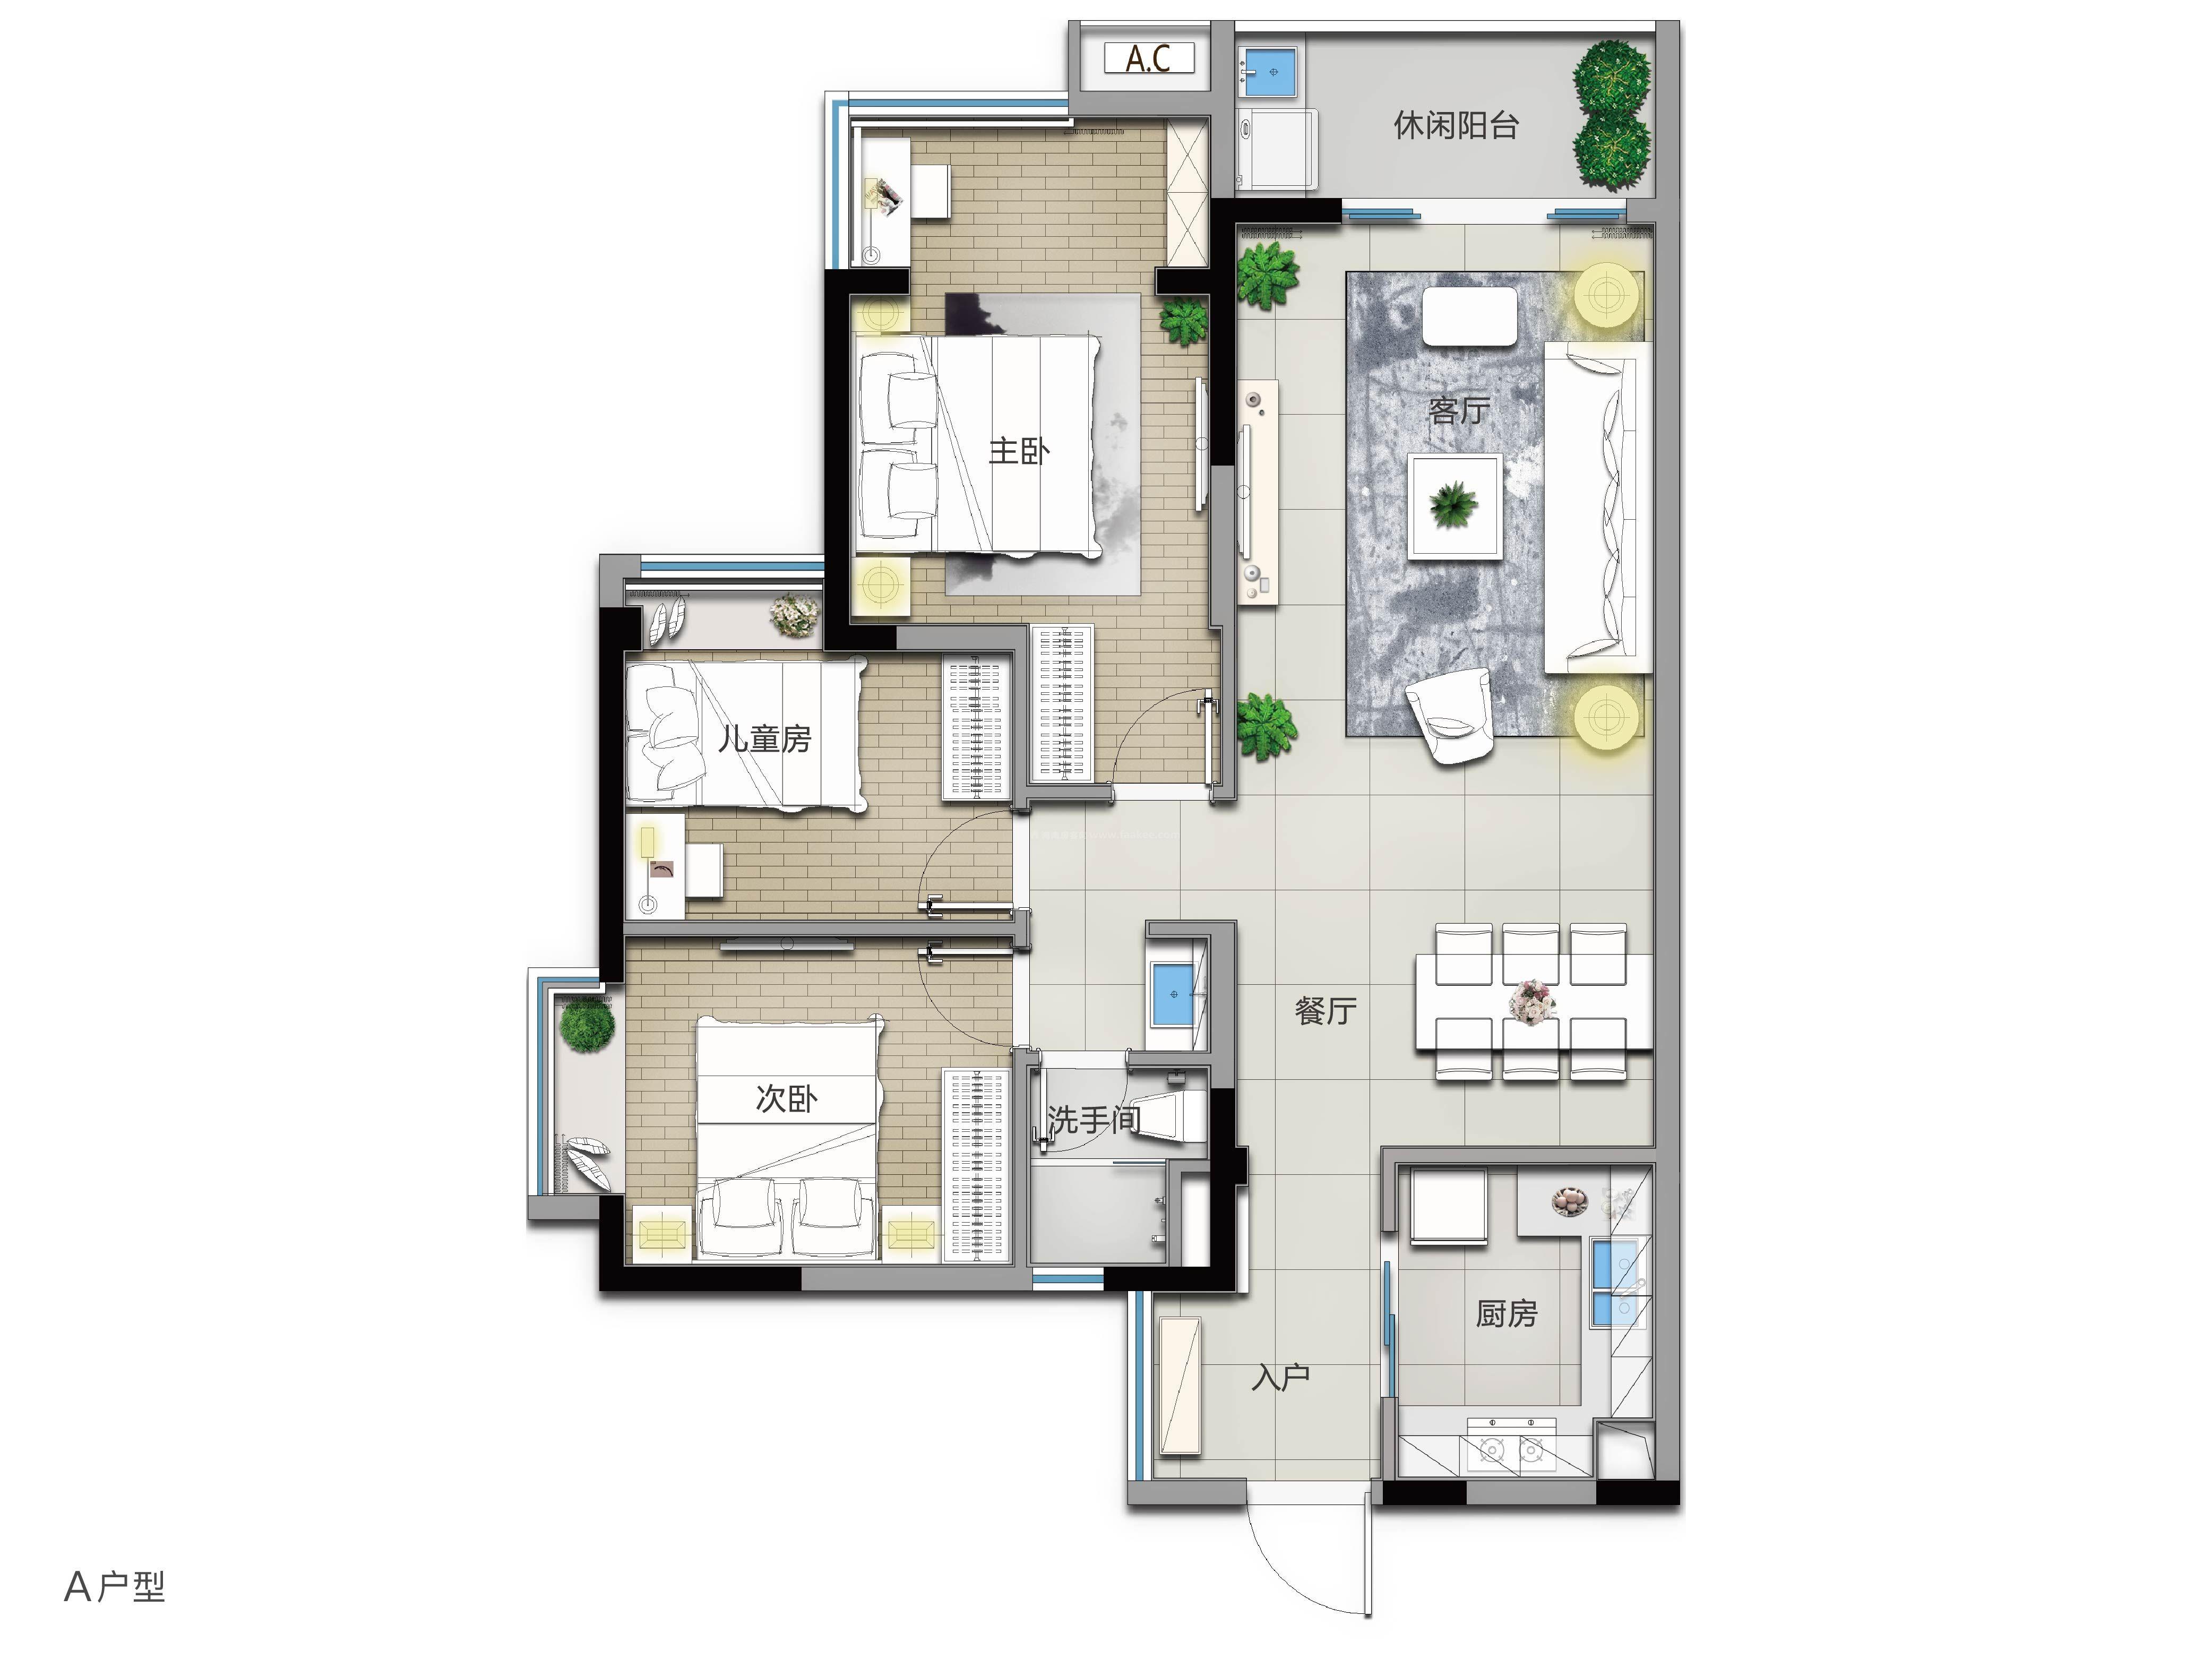 A戶型 3室2廳1衛 建筑面積:104㎡